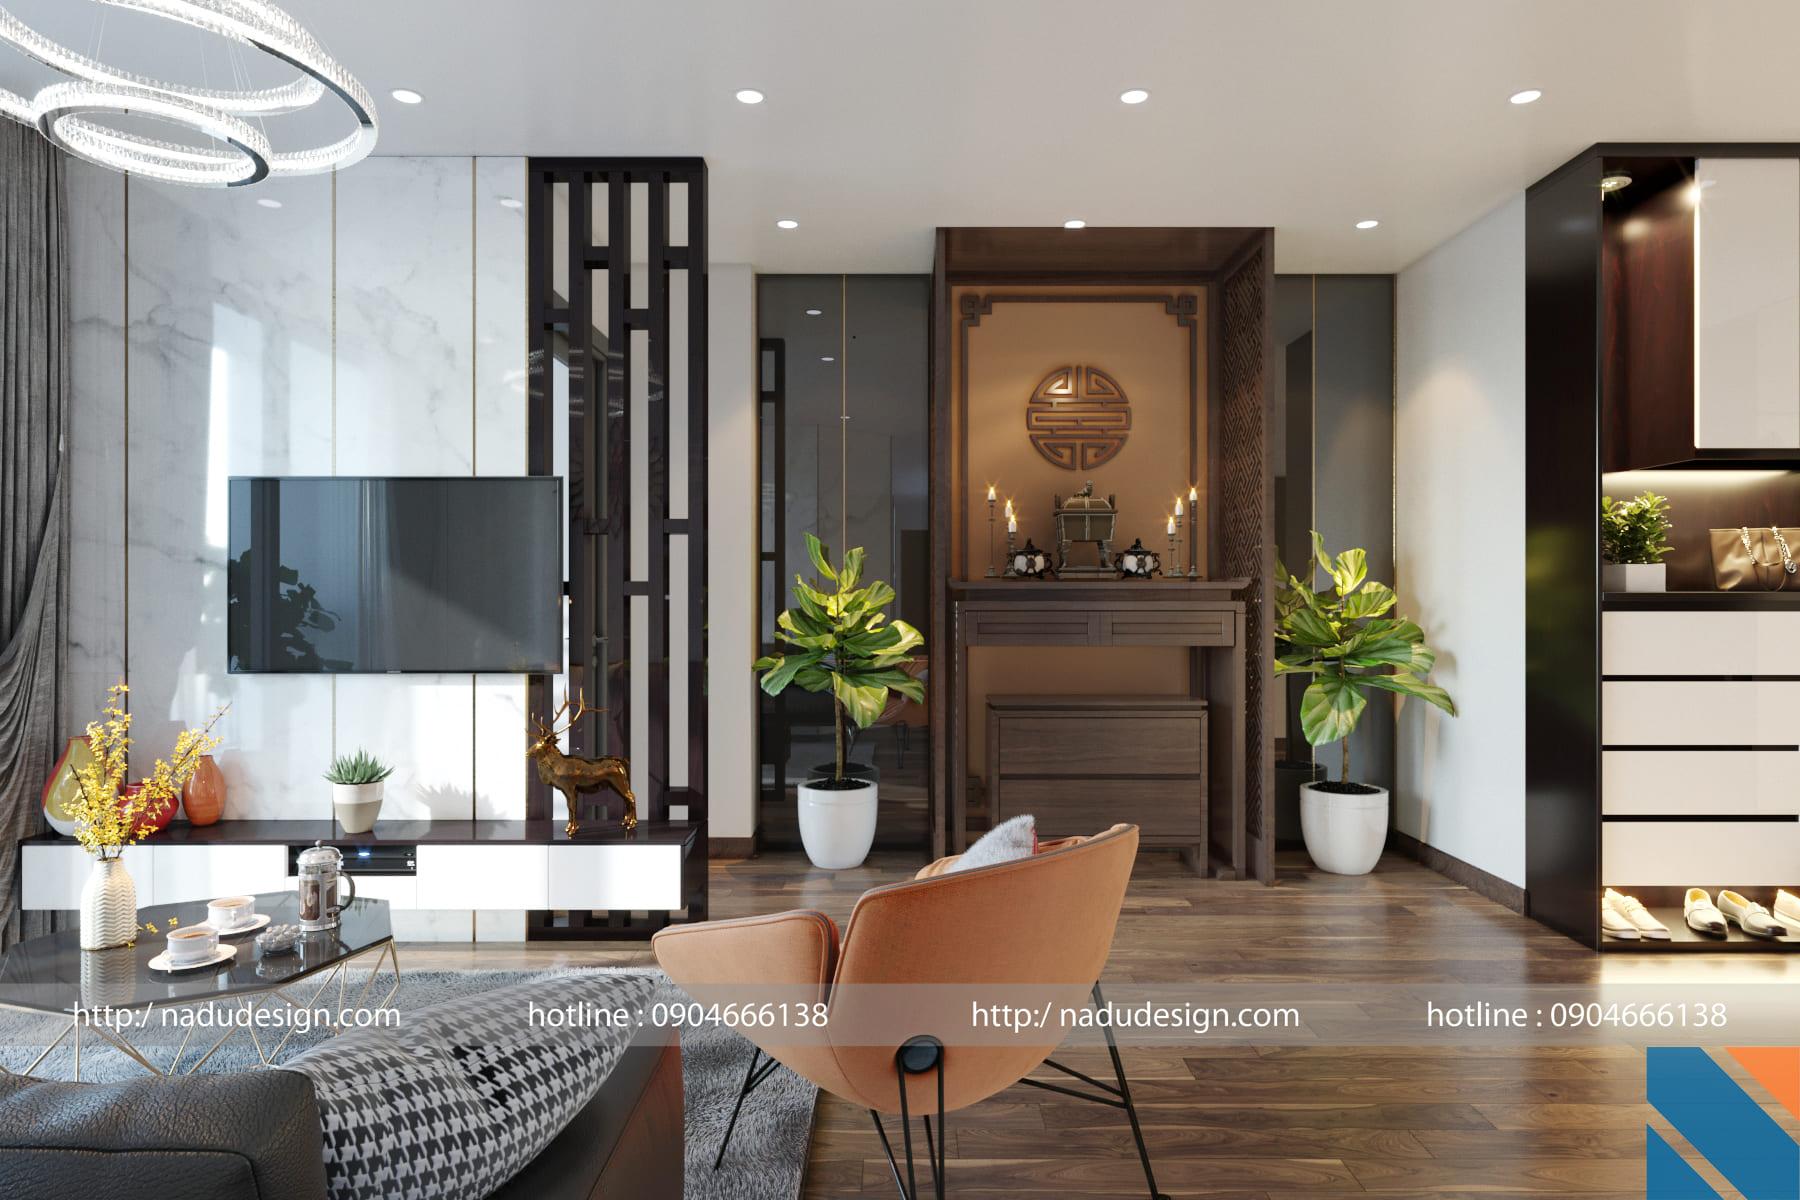 Thiết kế nội thất chung cư phong cách tân cổ điển ảnh 2